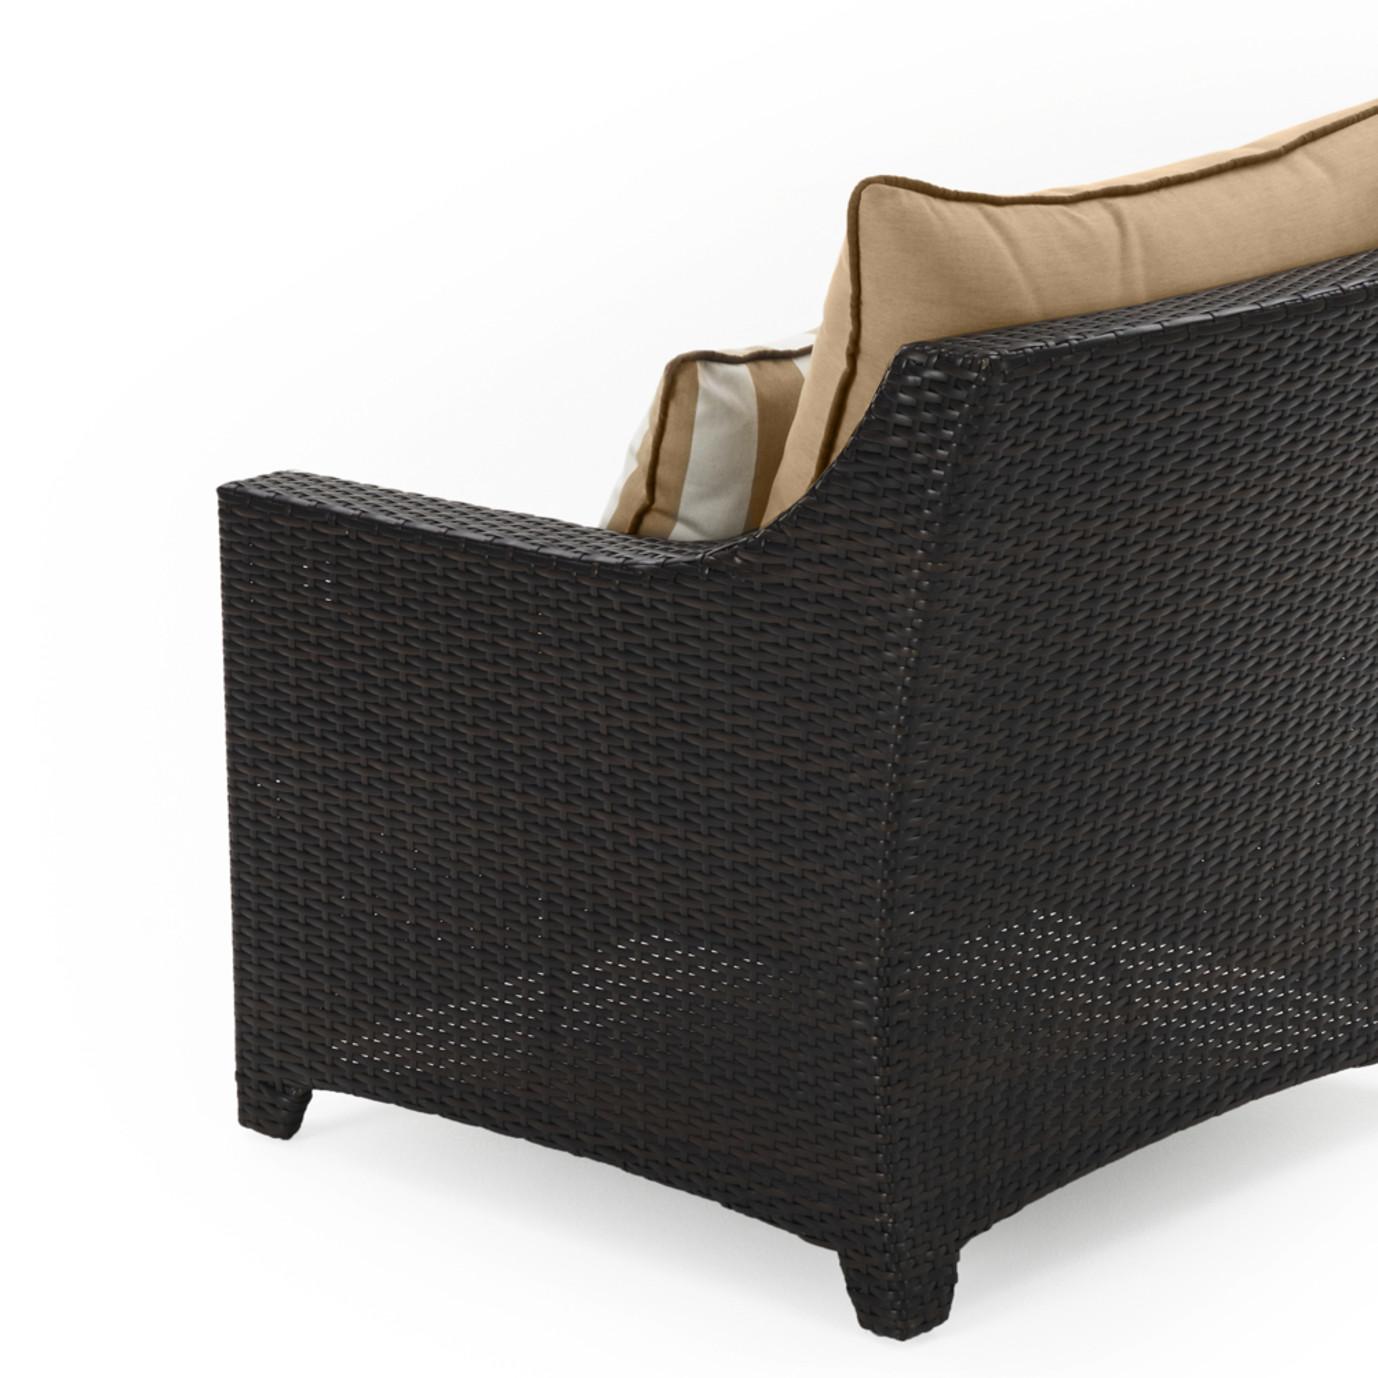 Deco™ Sofa & Deluxe Coffee Table - Maxim Beige